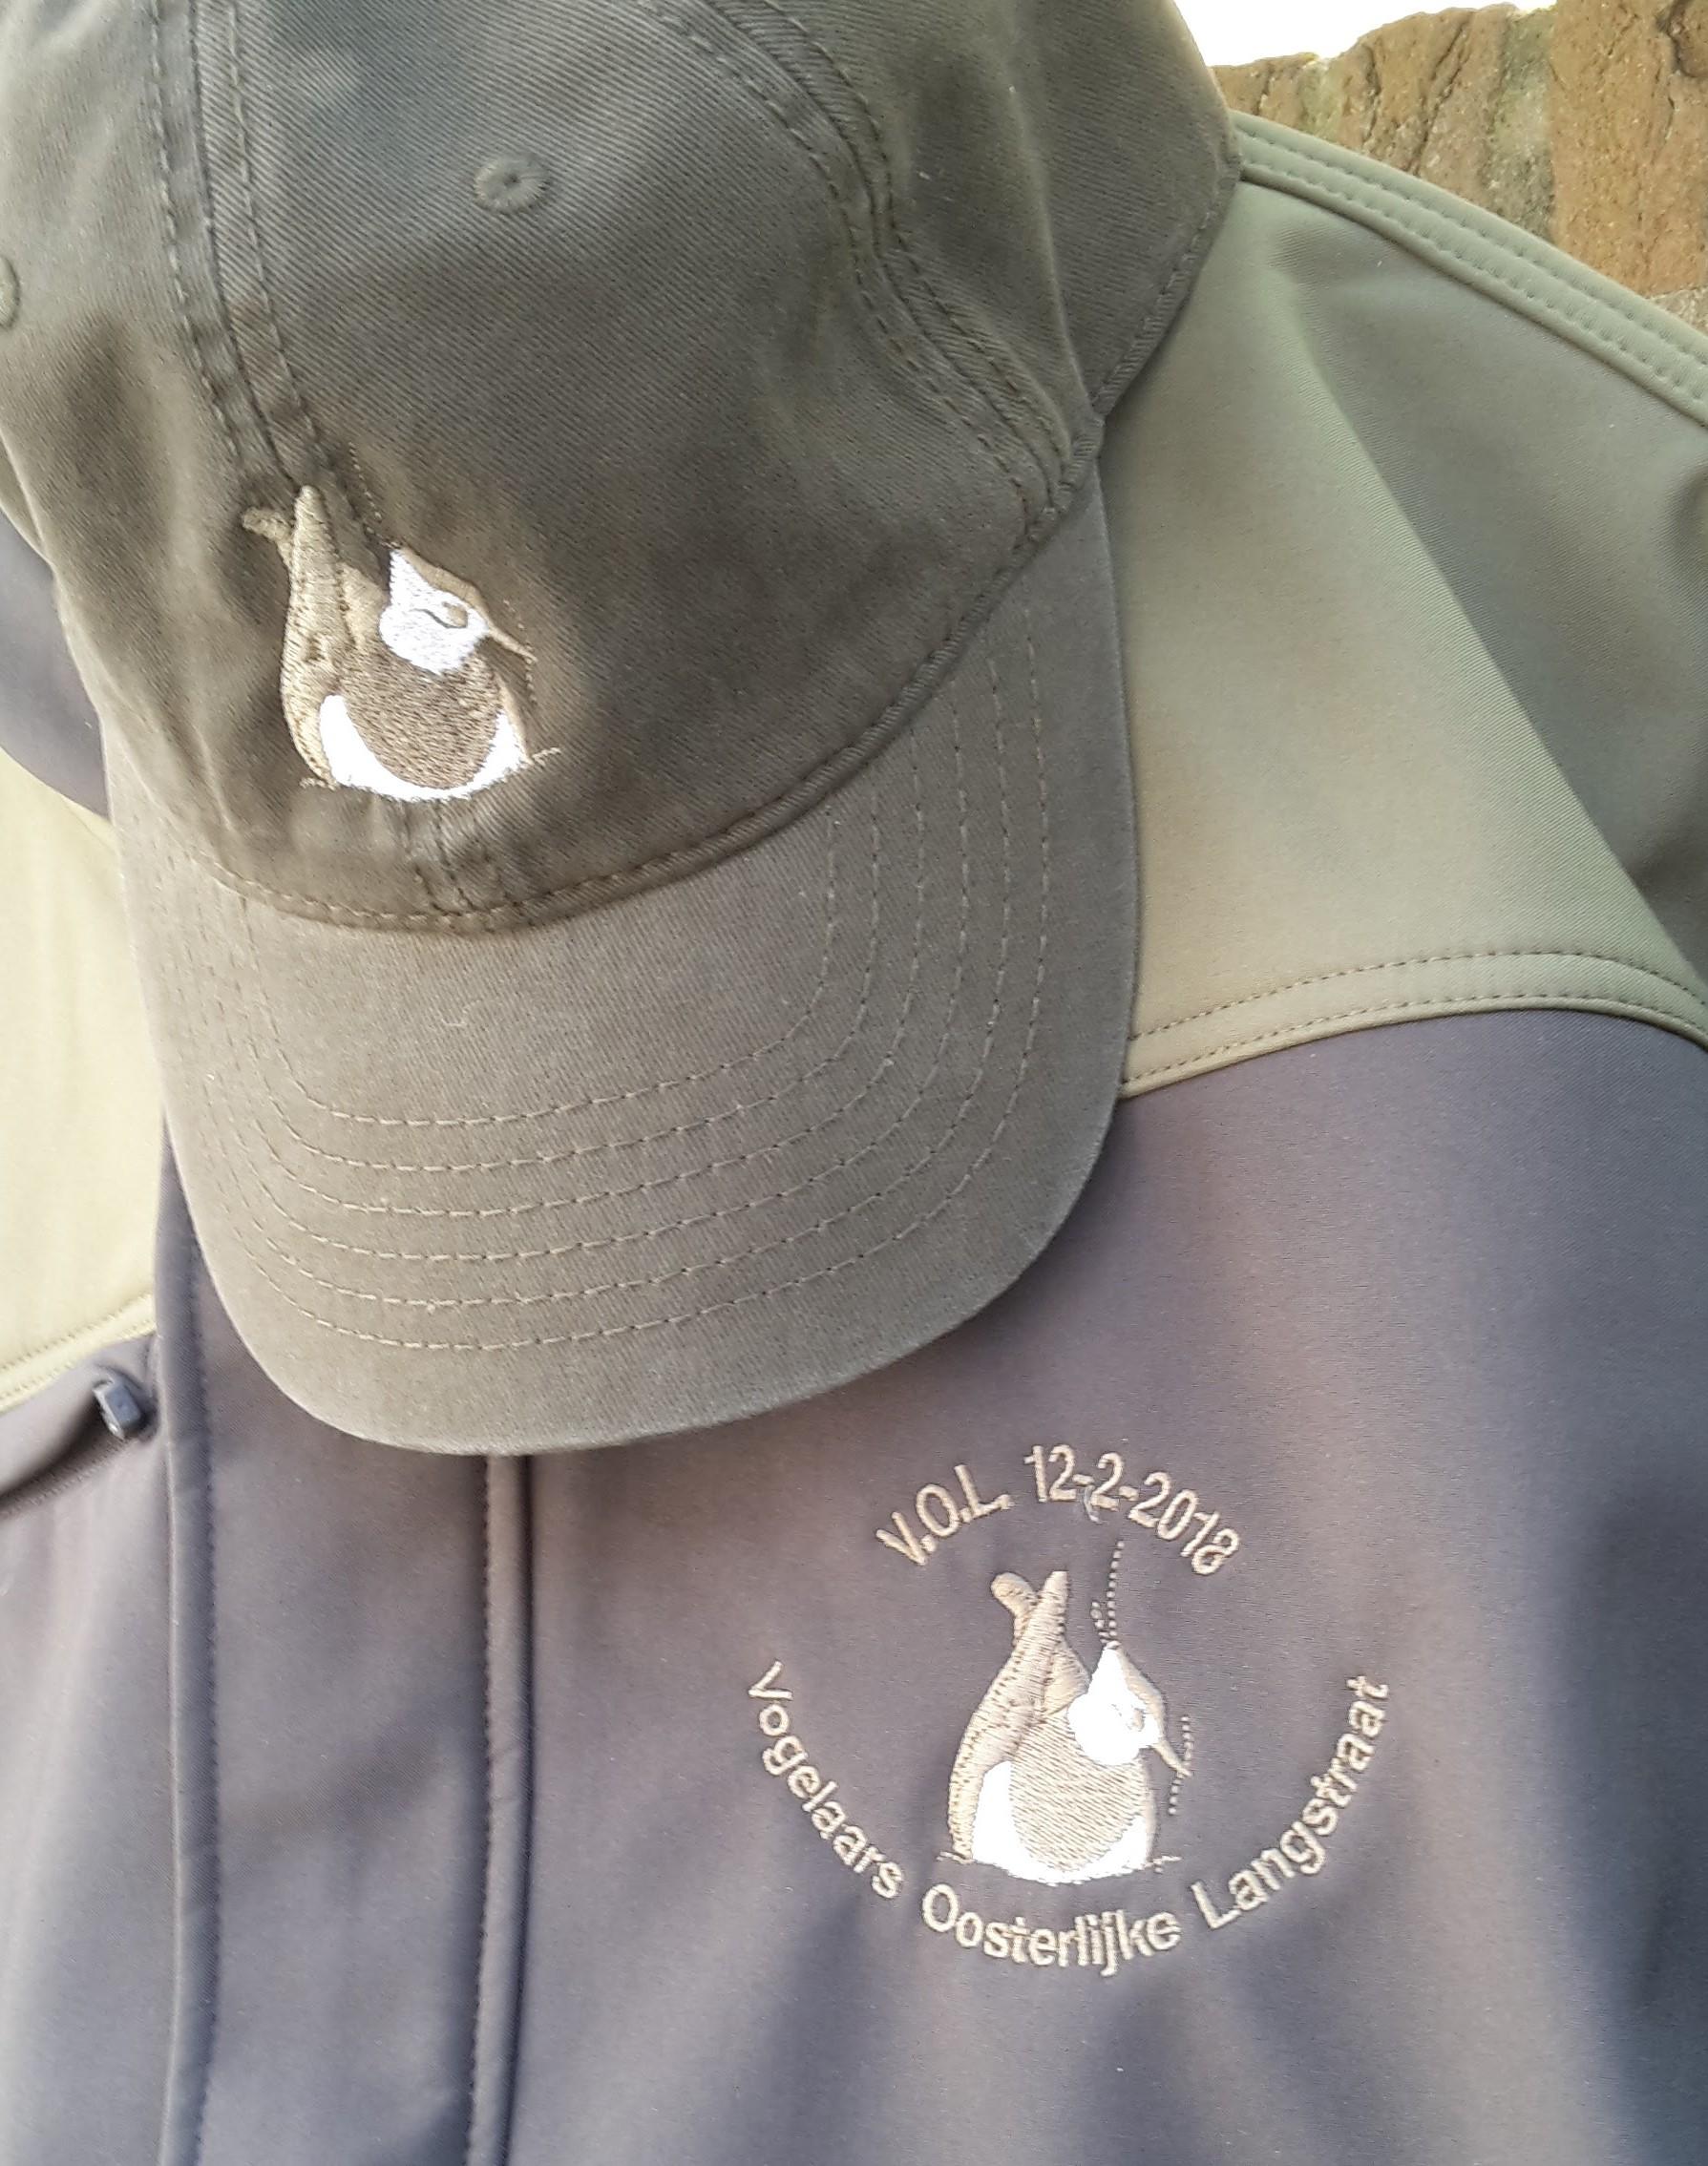 Nieuwsbrief Weidevogelbescherming